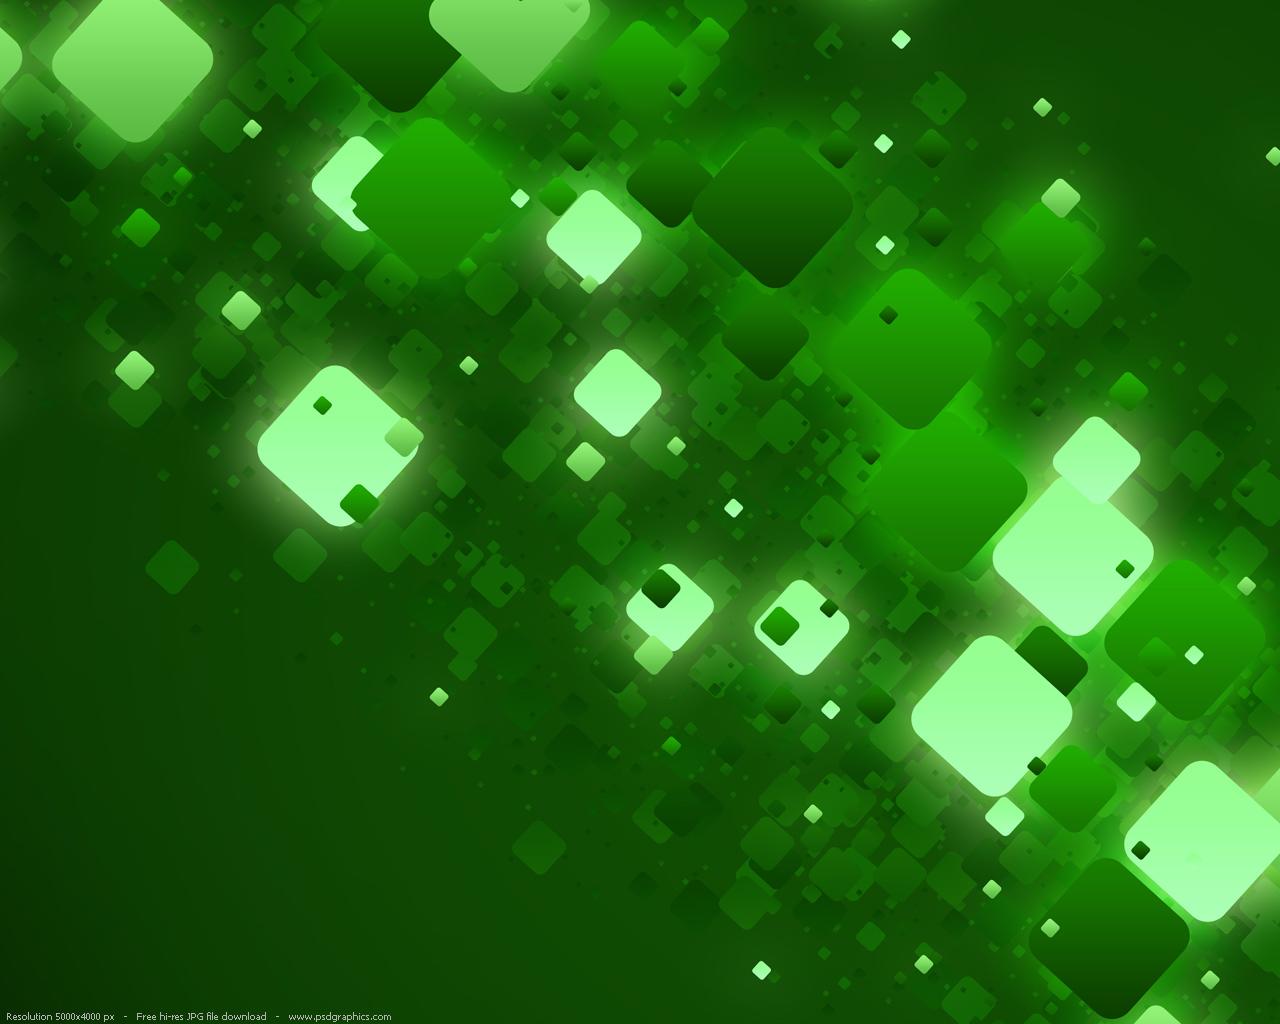 بالصور خلفية خضراء , اروع الخلفيات الخضراء 3644 6